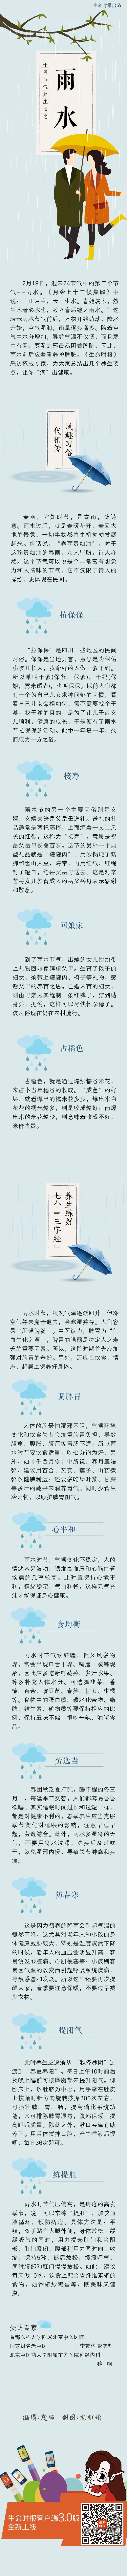 """雨水节气""""三字经"""",一年最养脾胃的时节到了 - 锦上添花 - 錦上添花 blog."""